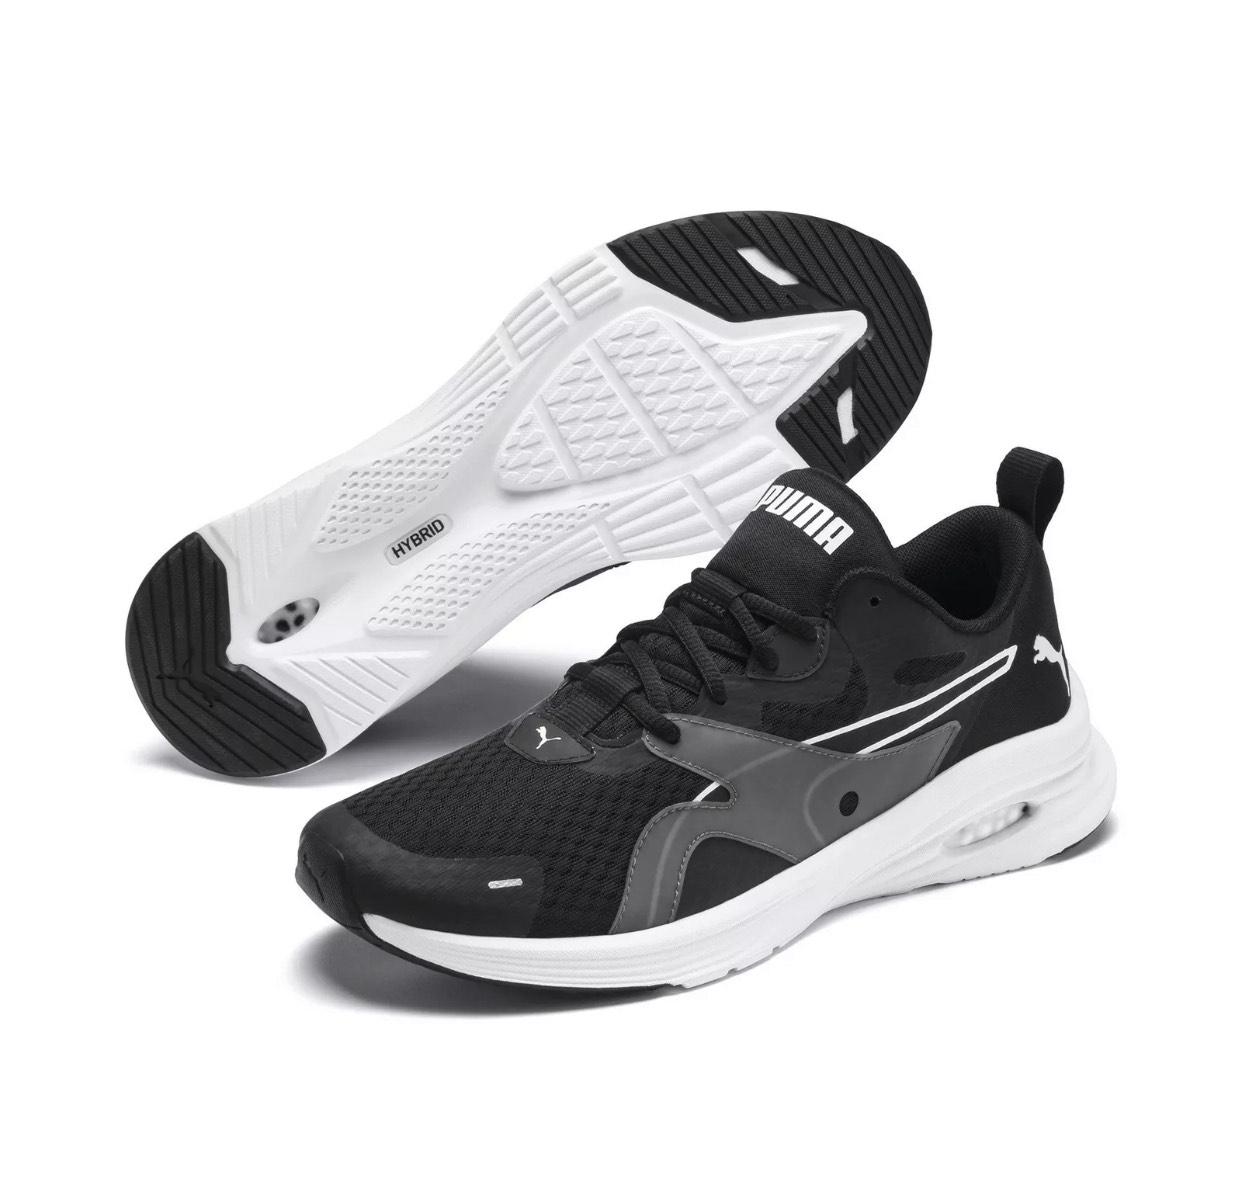 PUMA HYBRID Fuego Running Sneaker Männer Schuhe Laufen Neu | Offizieller PUMA Europe eBay Store